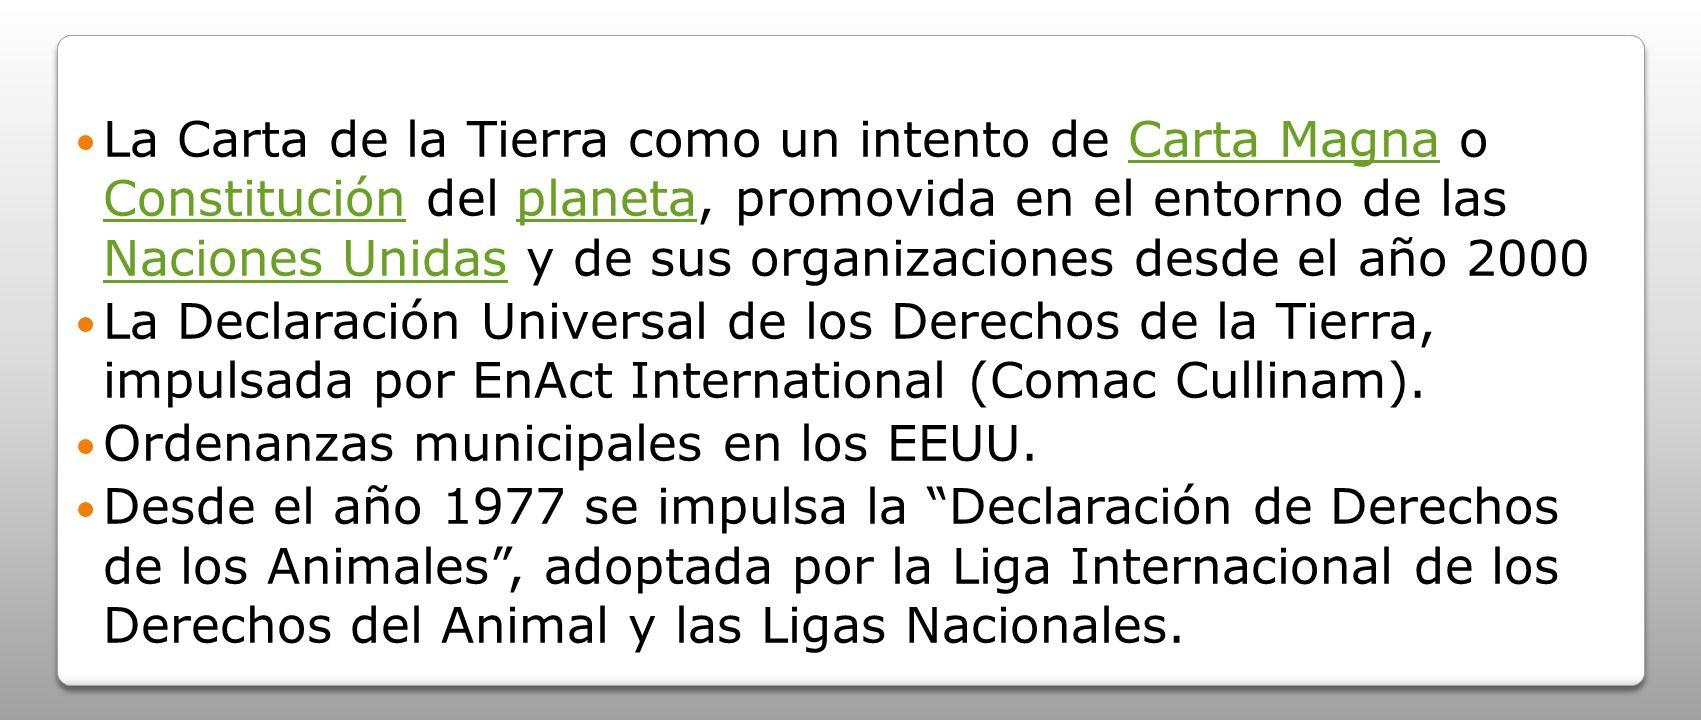 La Carta de la Tierra como un intento de Carta Magna o Constitución del planeta, promovida en el entorno de las Naciones Unidas y de sus organizaciones desde el año 2000